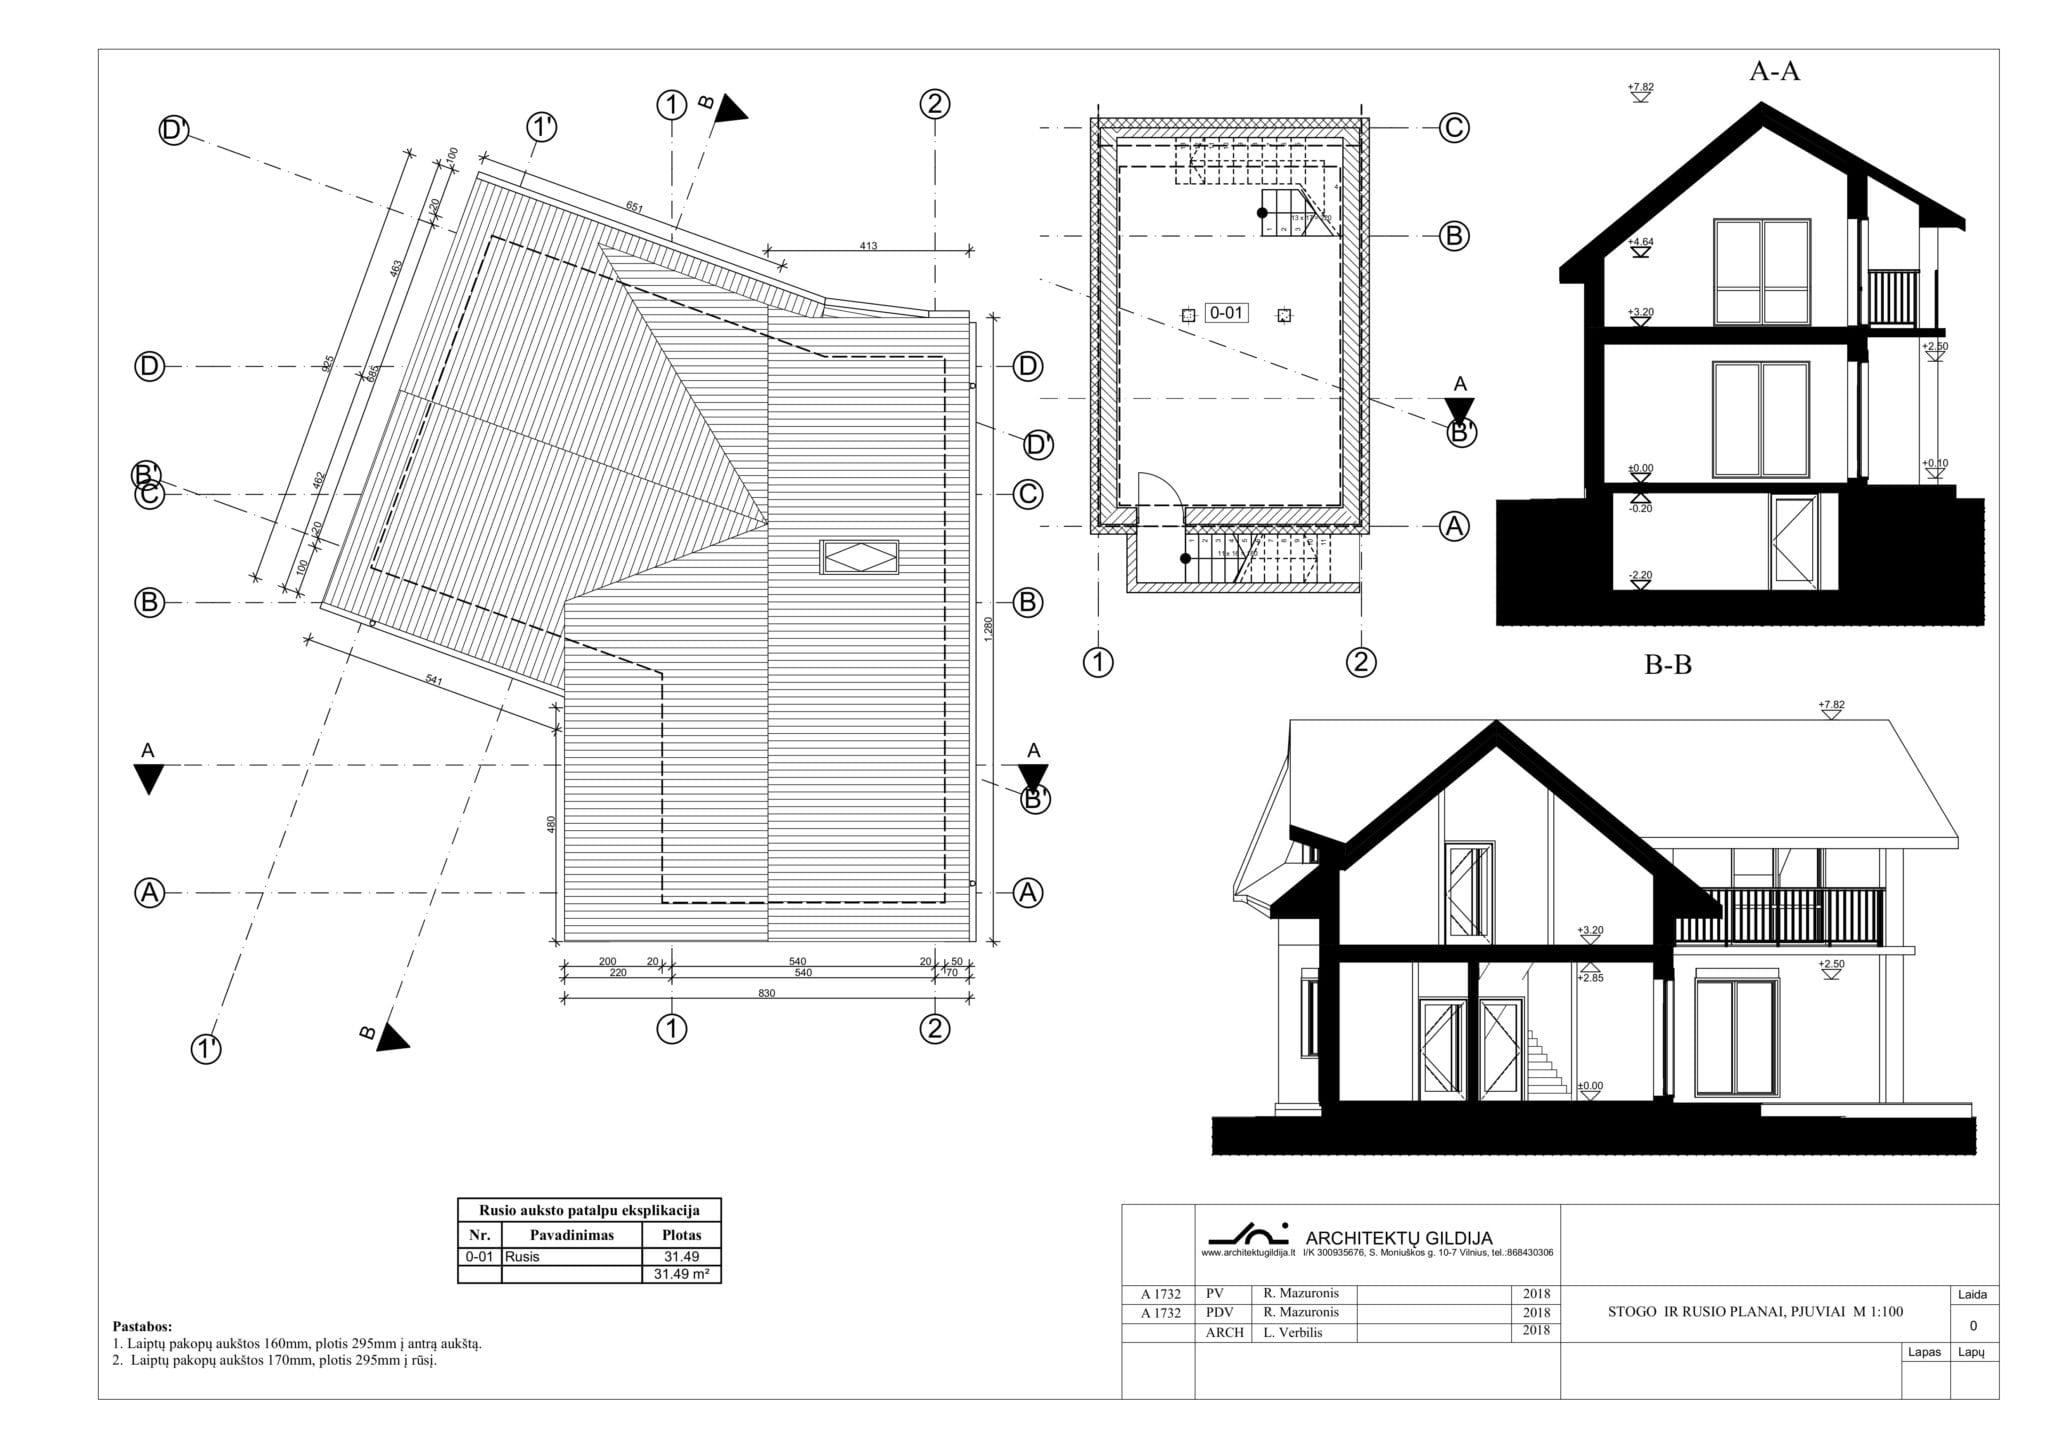 Vienbučio gyvenamojo namo planai